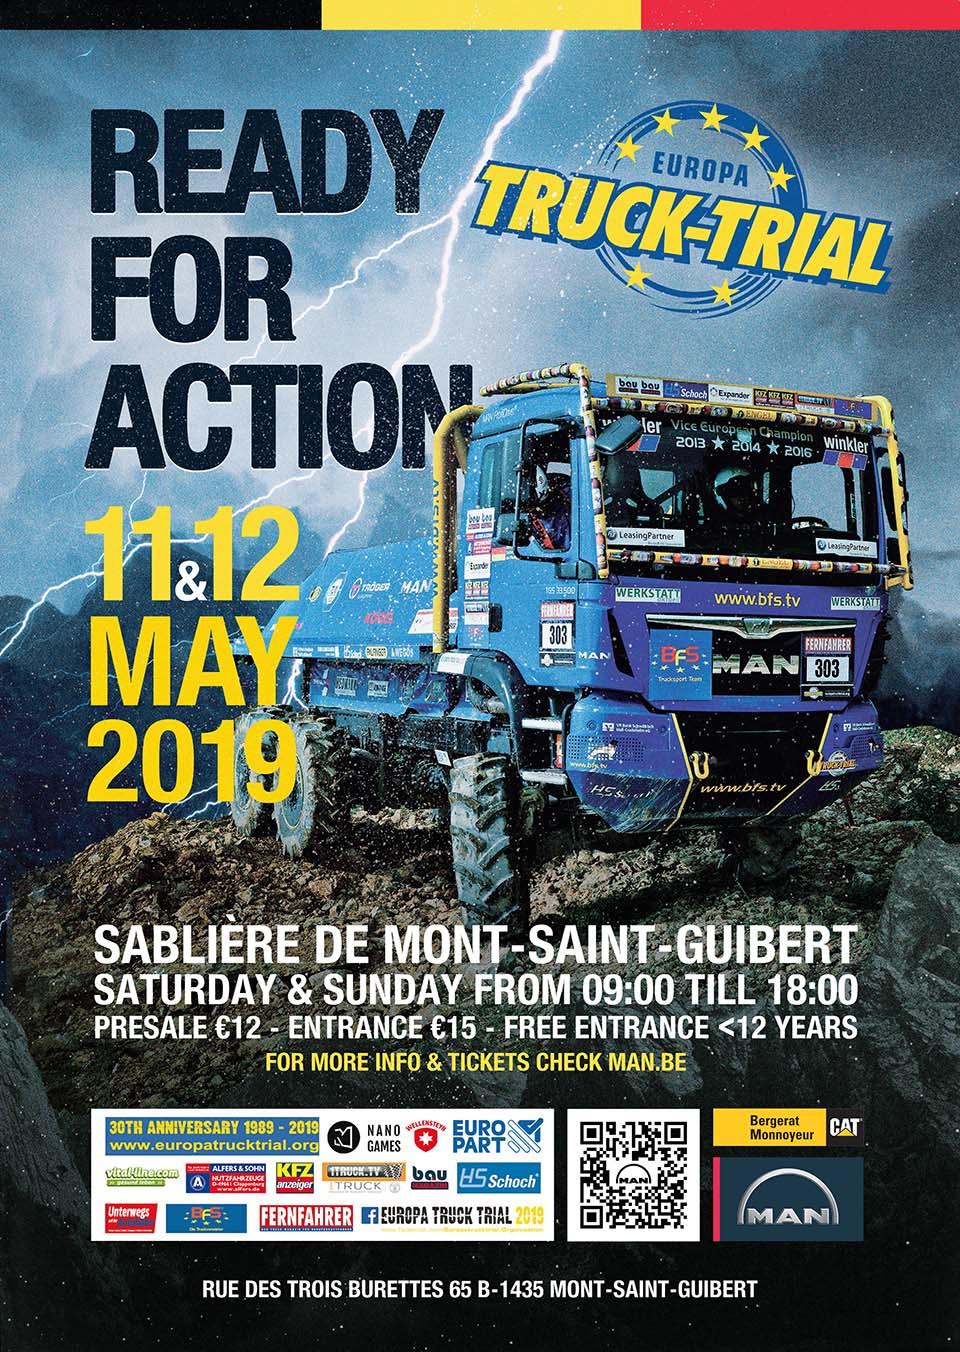 mont-saint-guibert-2019